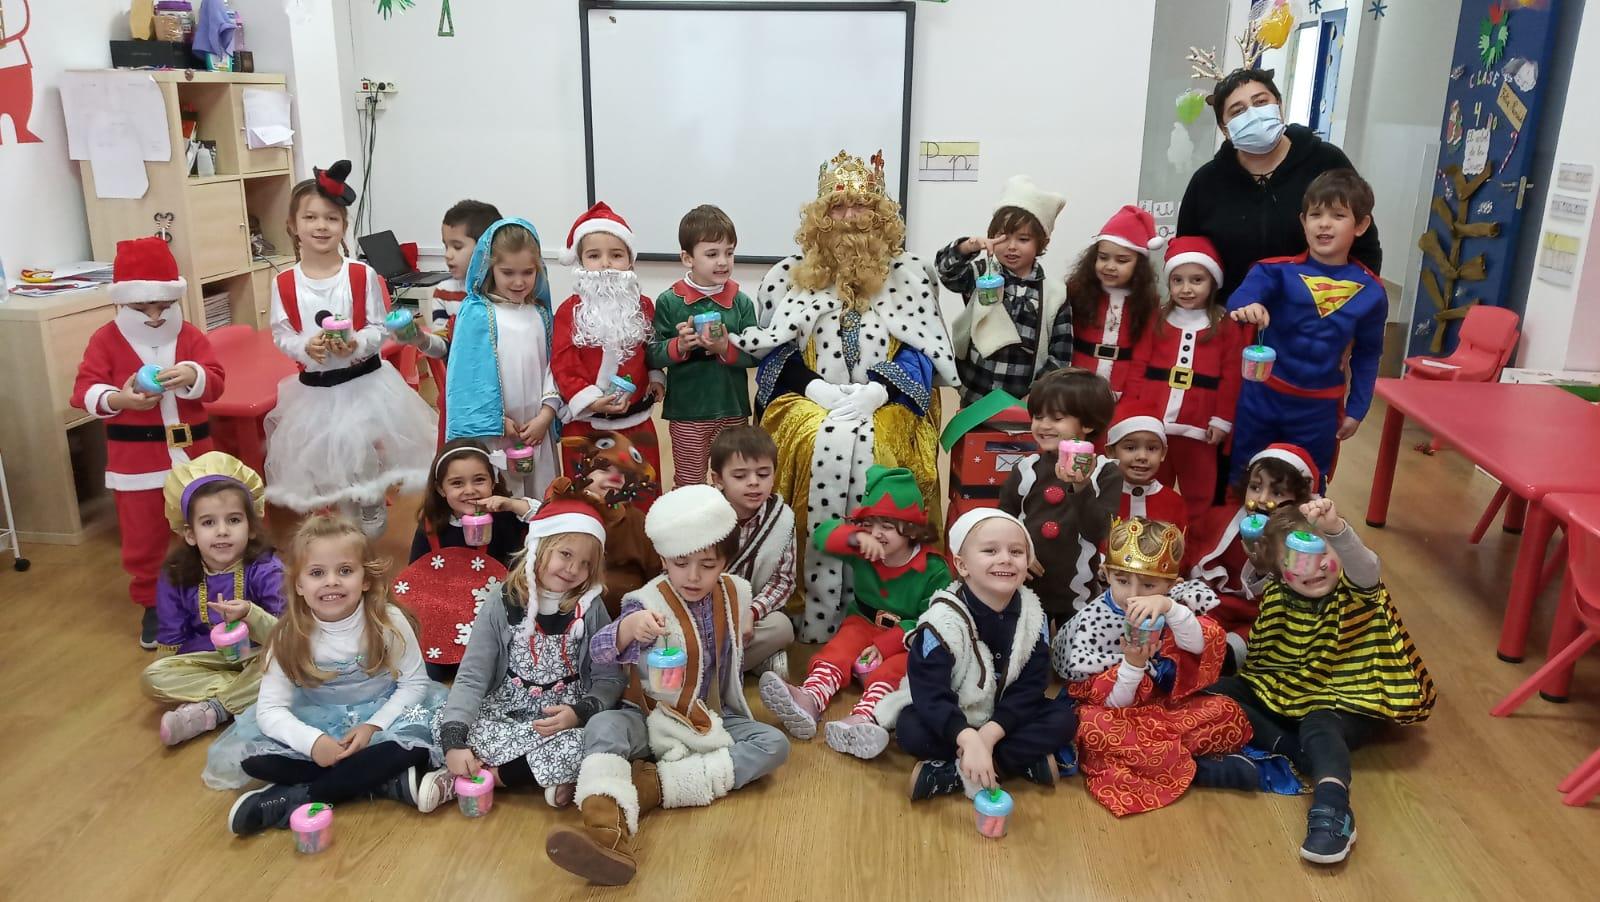 Las Escuelas Infantiles Guppy os desean una Feliz Navidad 🎄🎅🎁